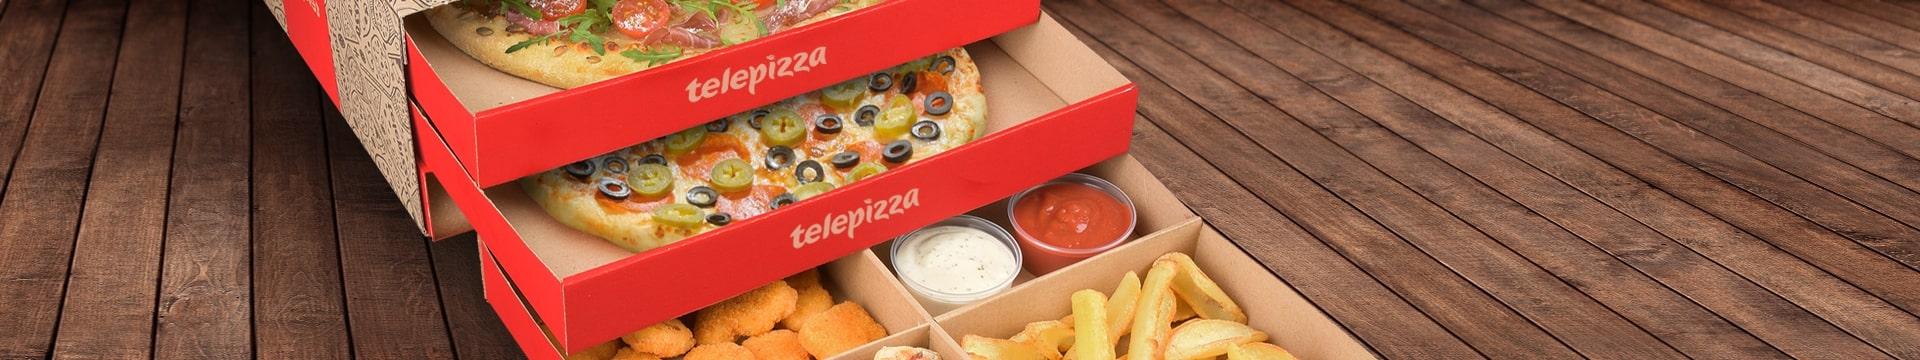 Telepizza Zamów z Dostawą